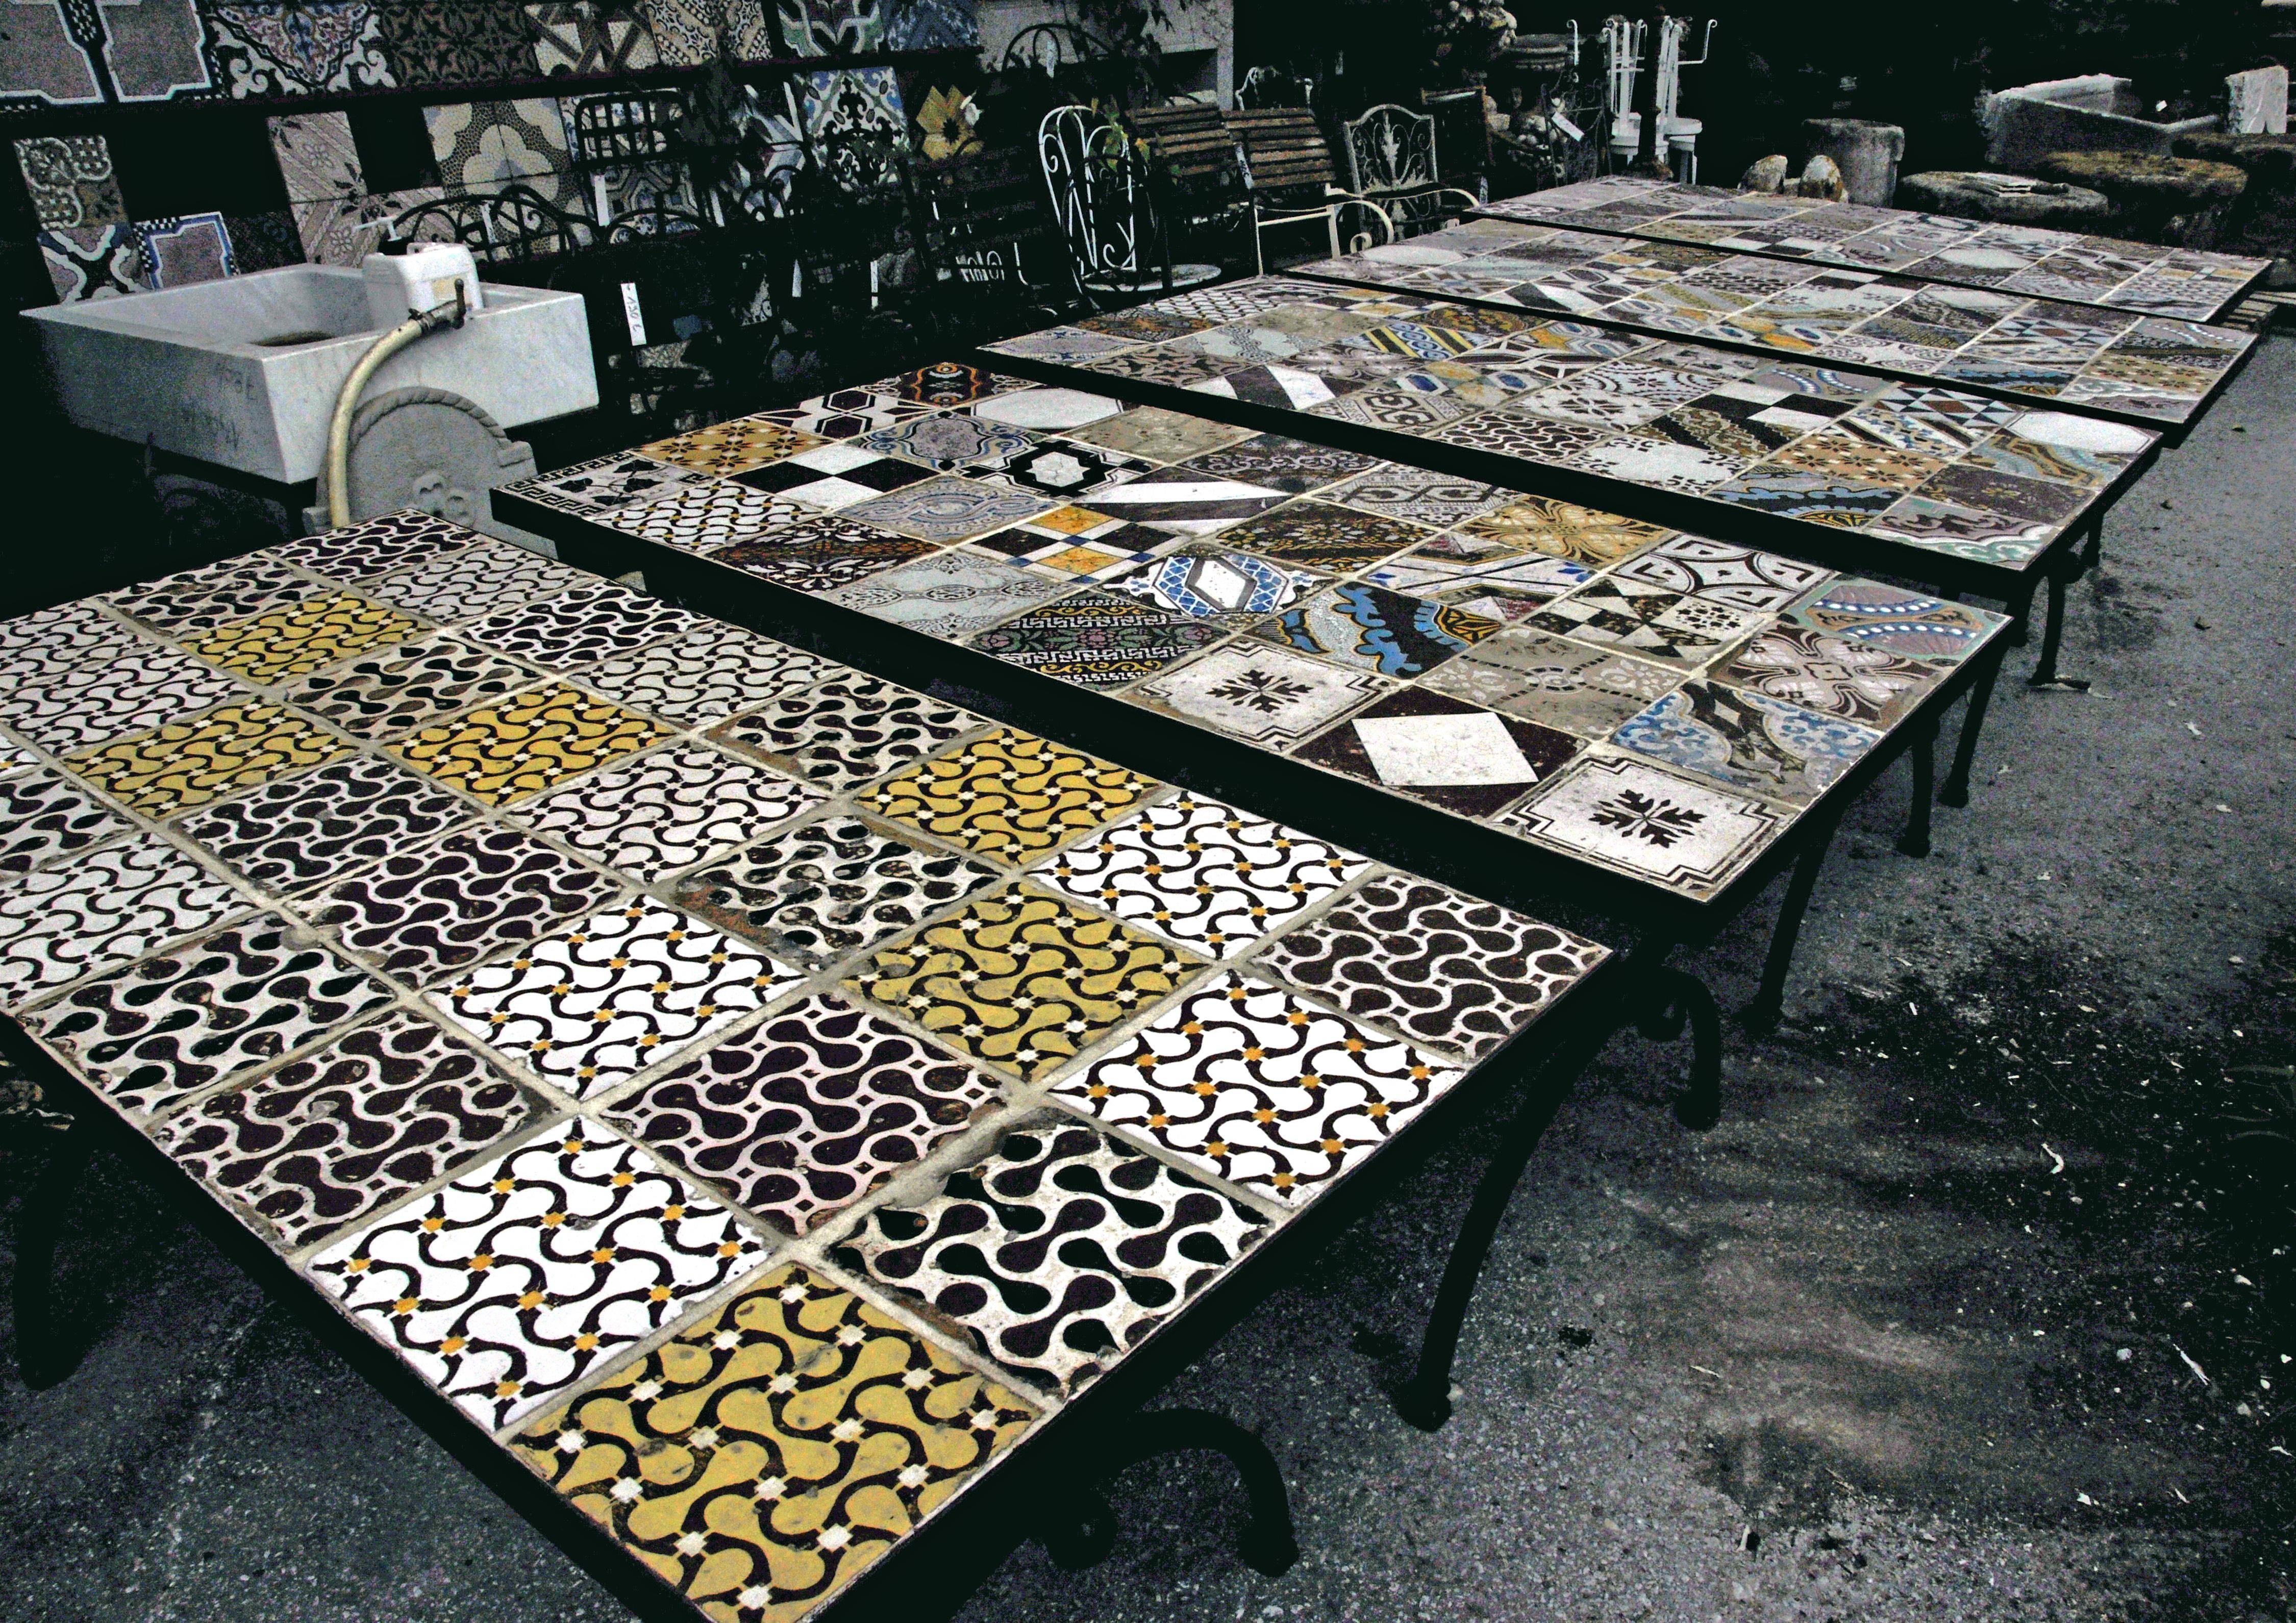 Tavolo In Ferro Battuto Prezzo : Tavoli in ferro battuto e mattonelle prezzi tavolo in ferro